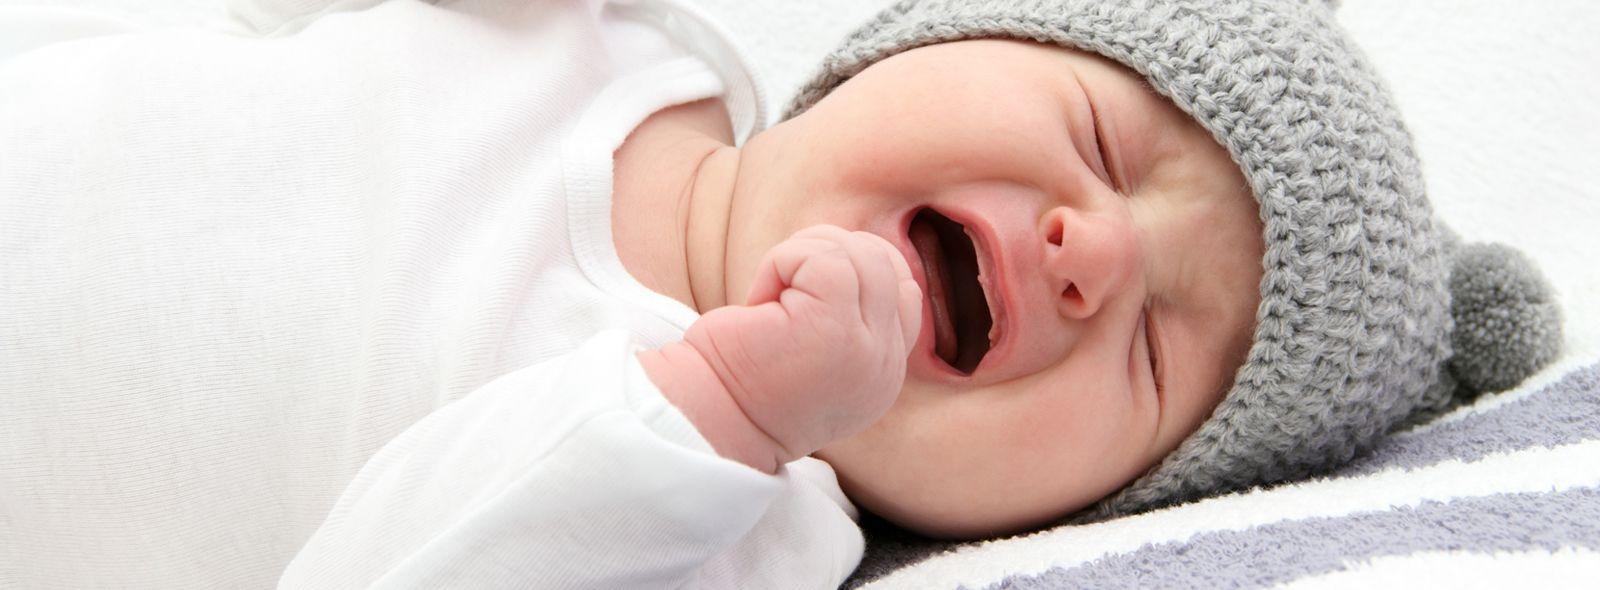 Singhiozzi del neonato